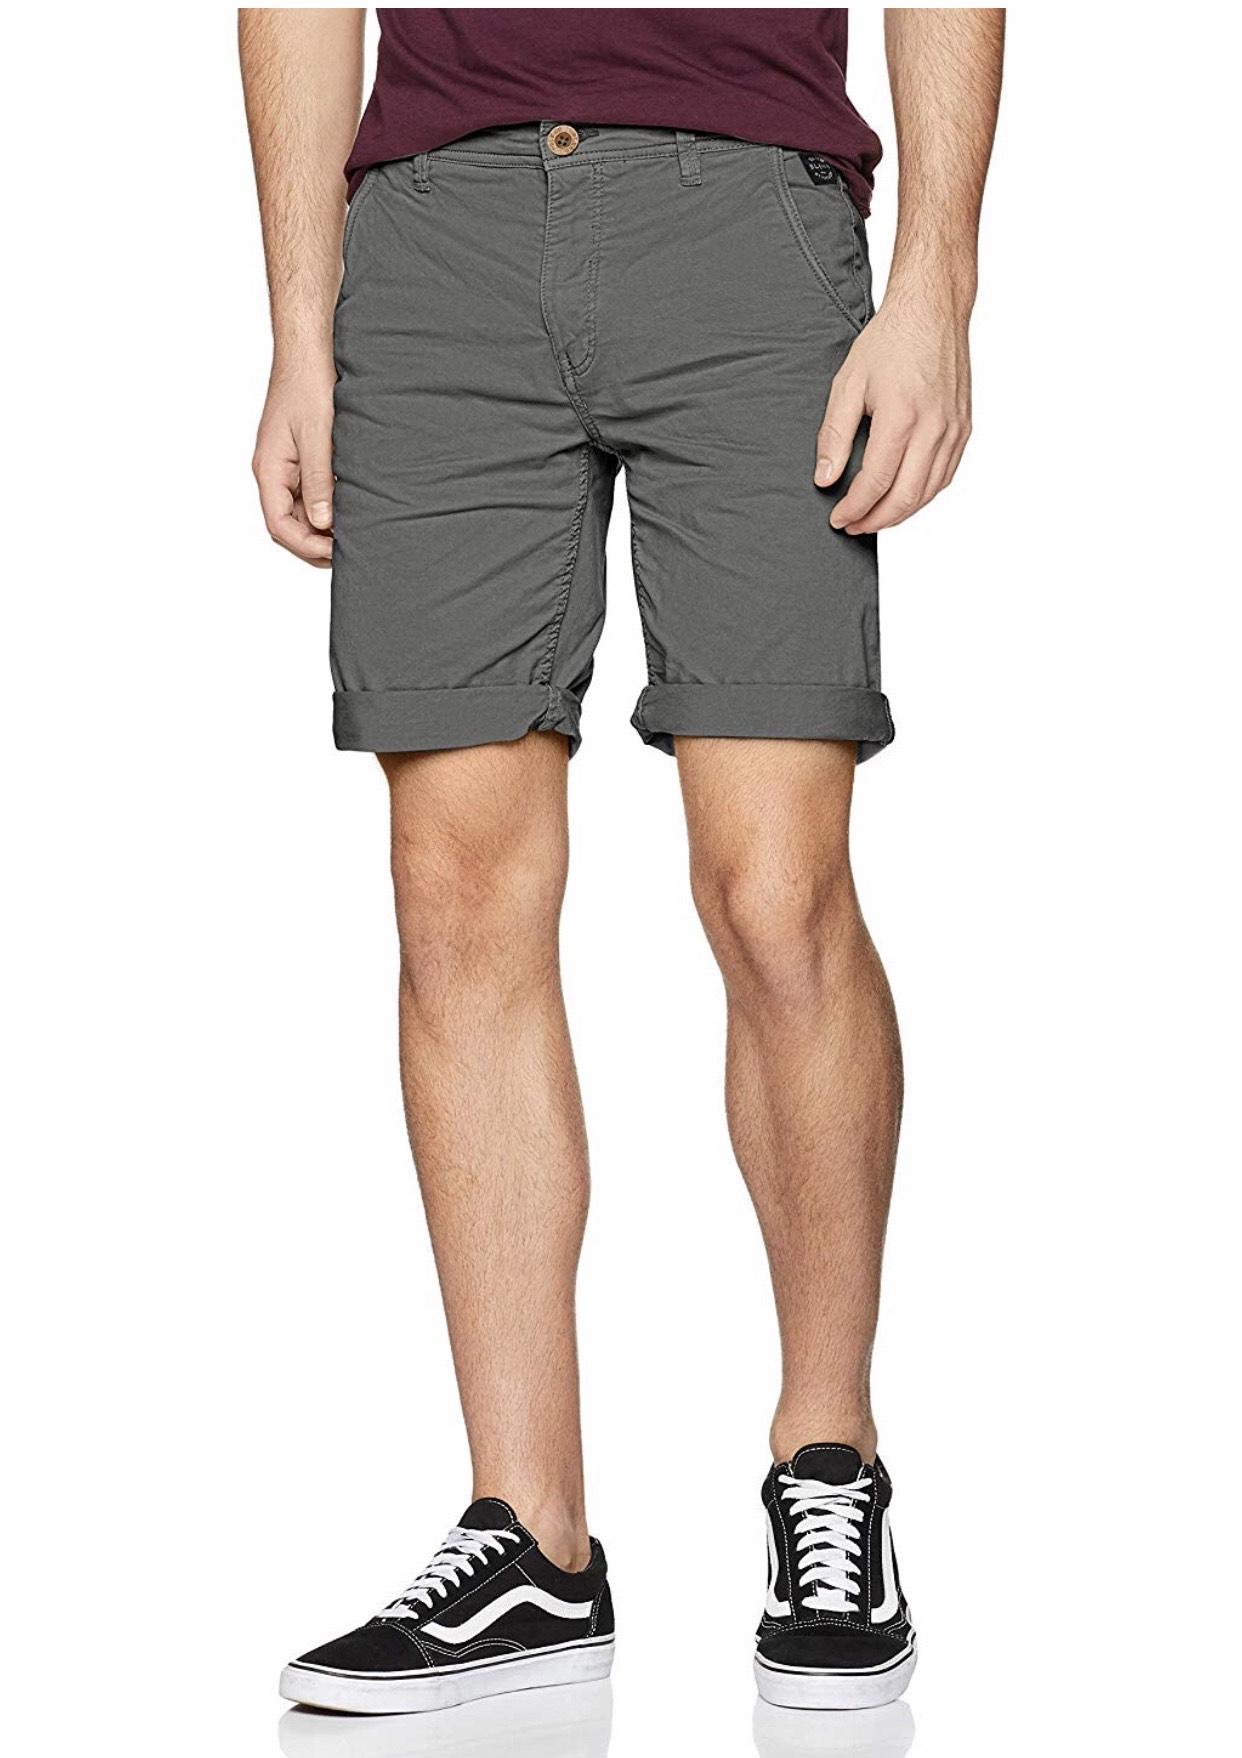 Blend Shorts Bañador para Hombre